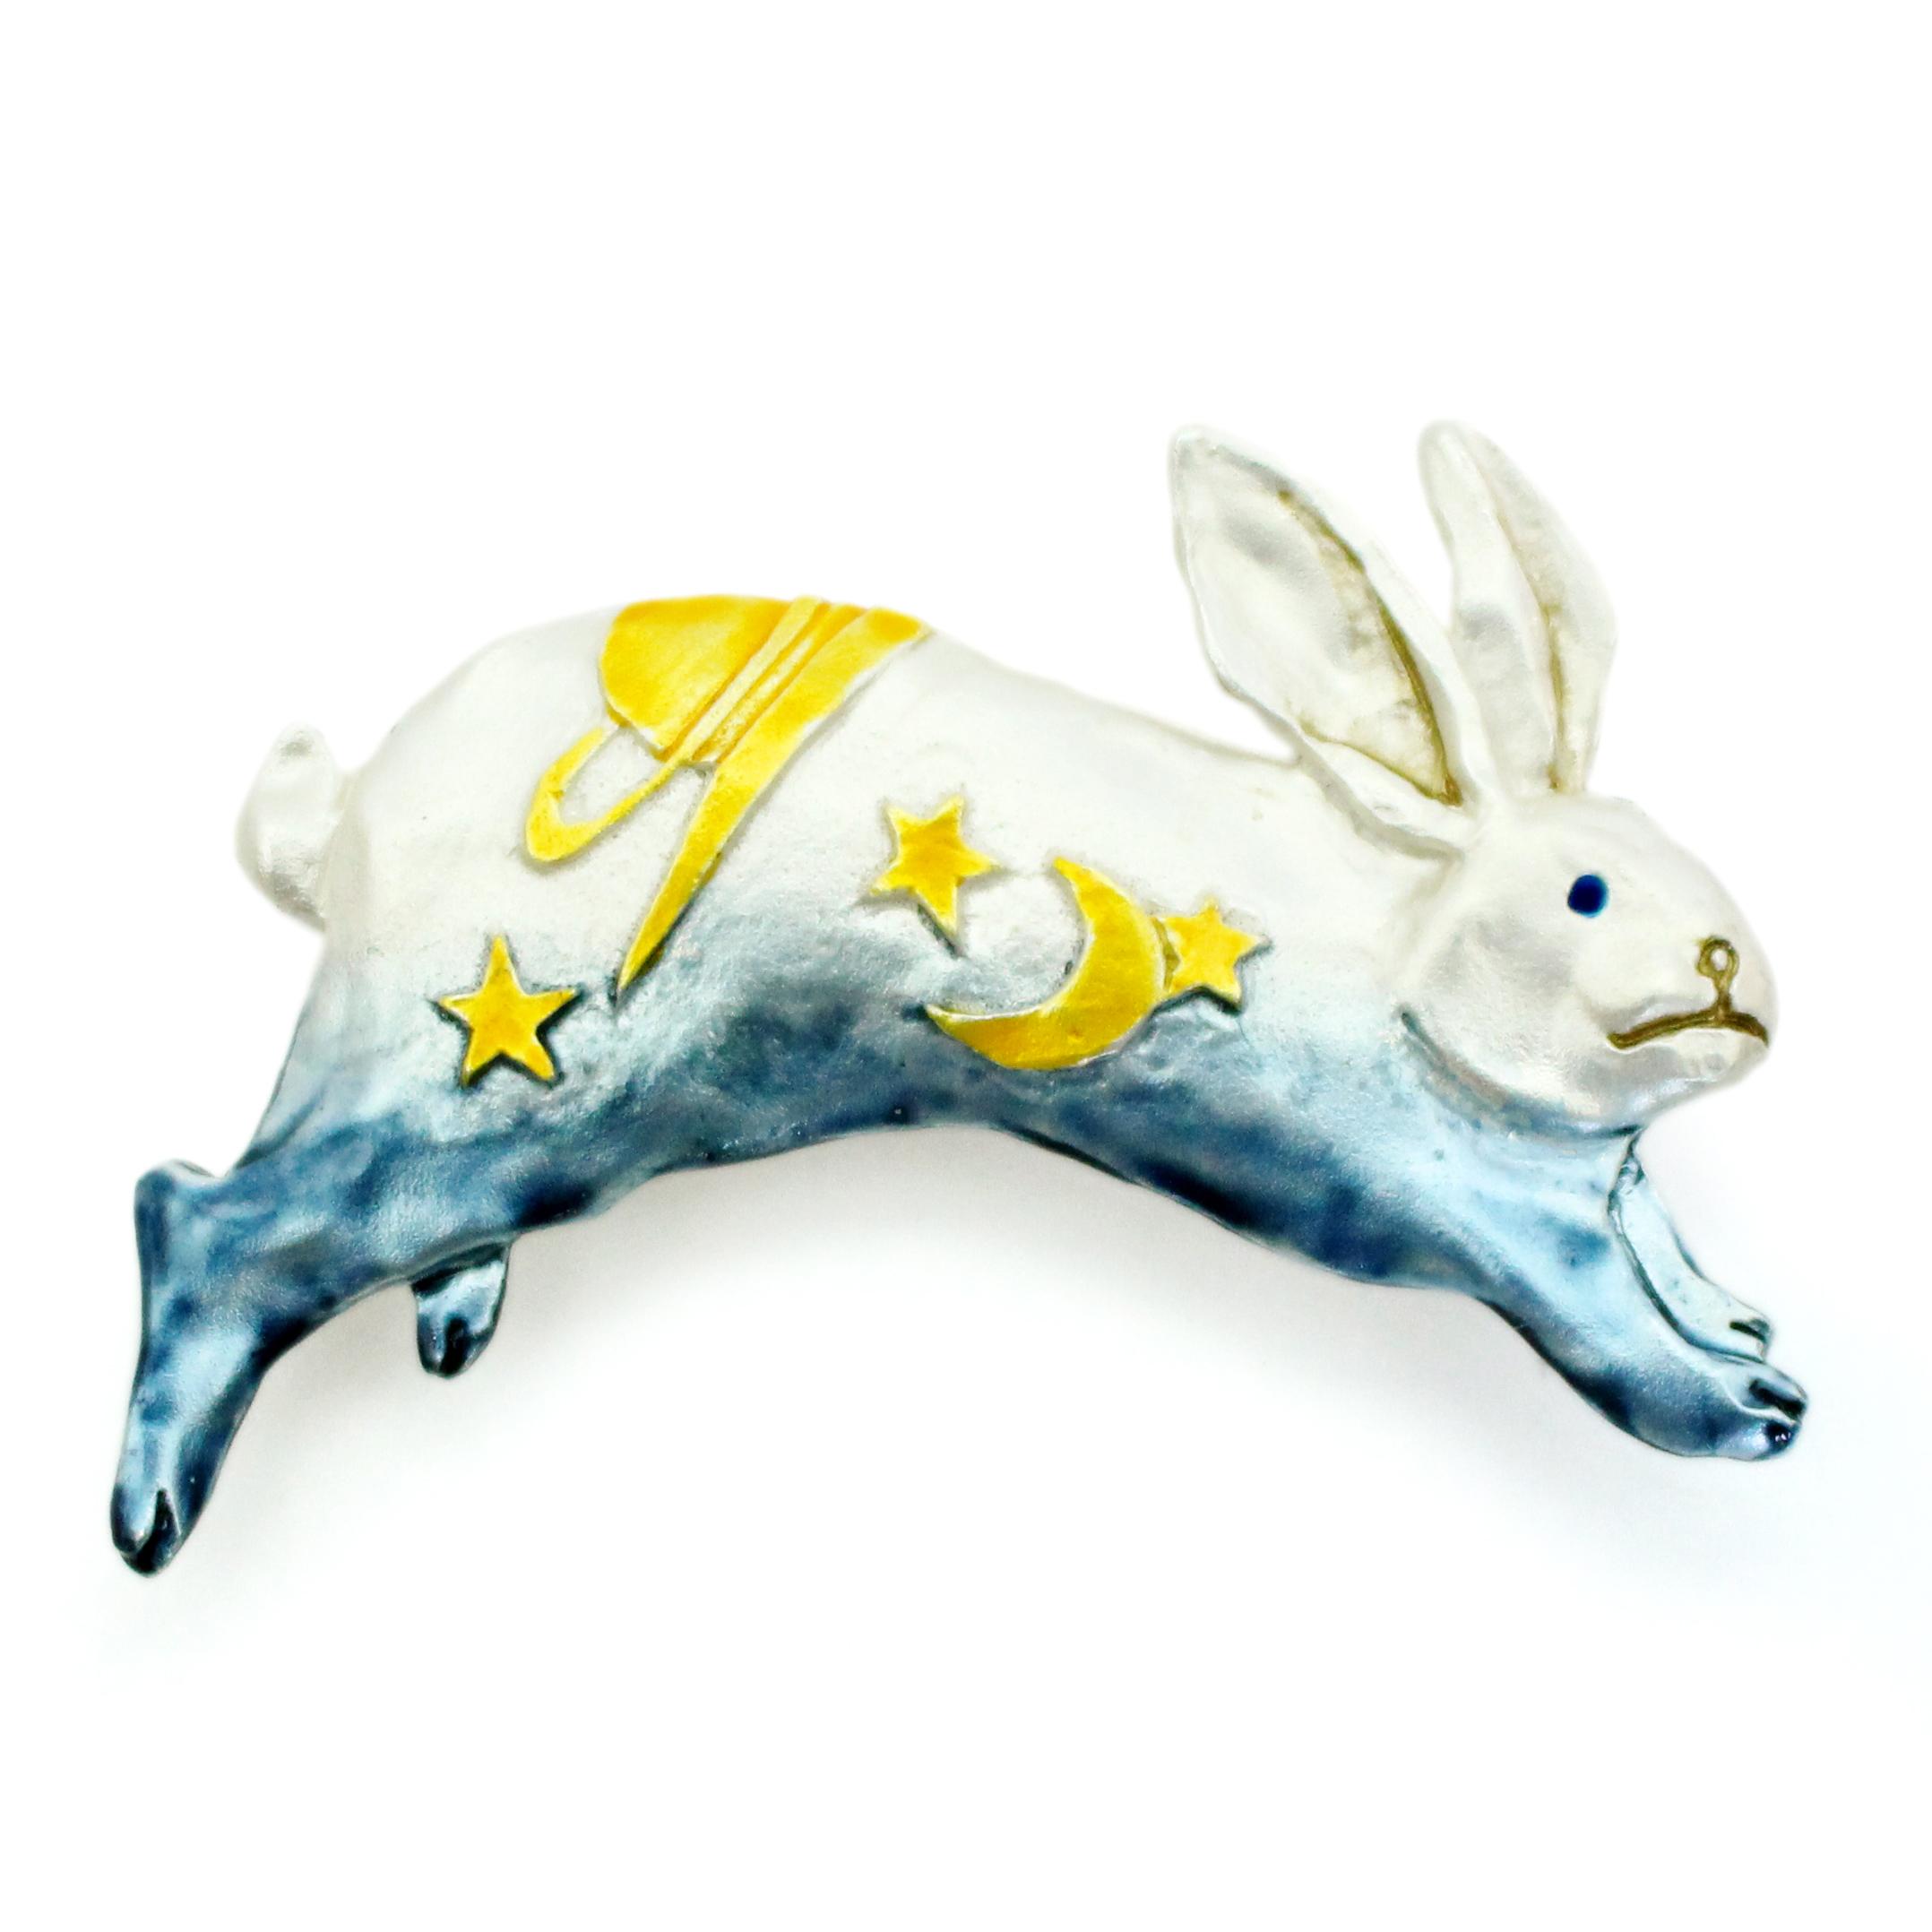 ヨゾラウサギ(ブルー)帯留め / 帯留め※専用豪華ボックス入り